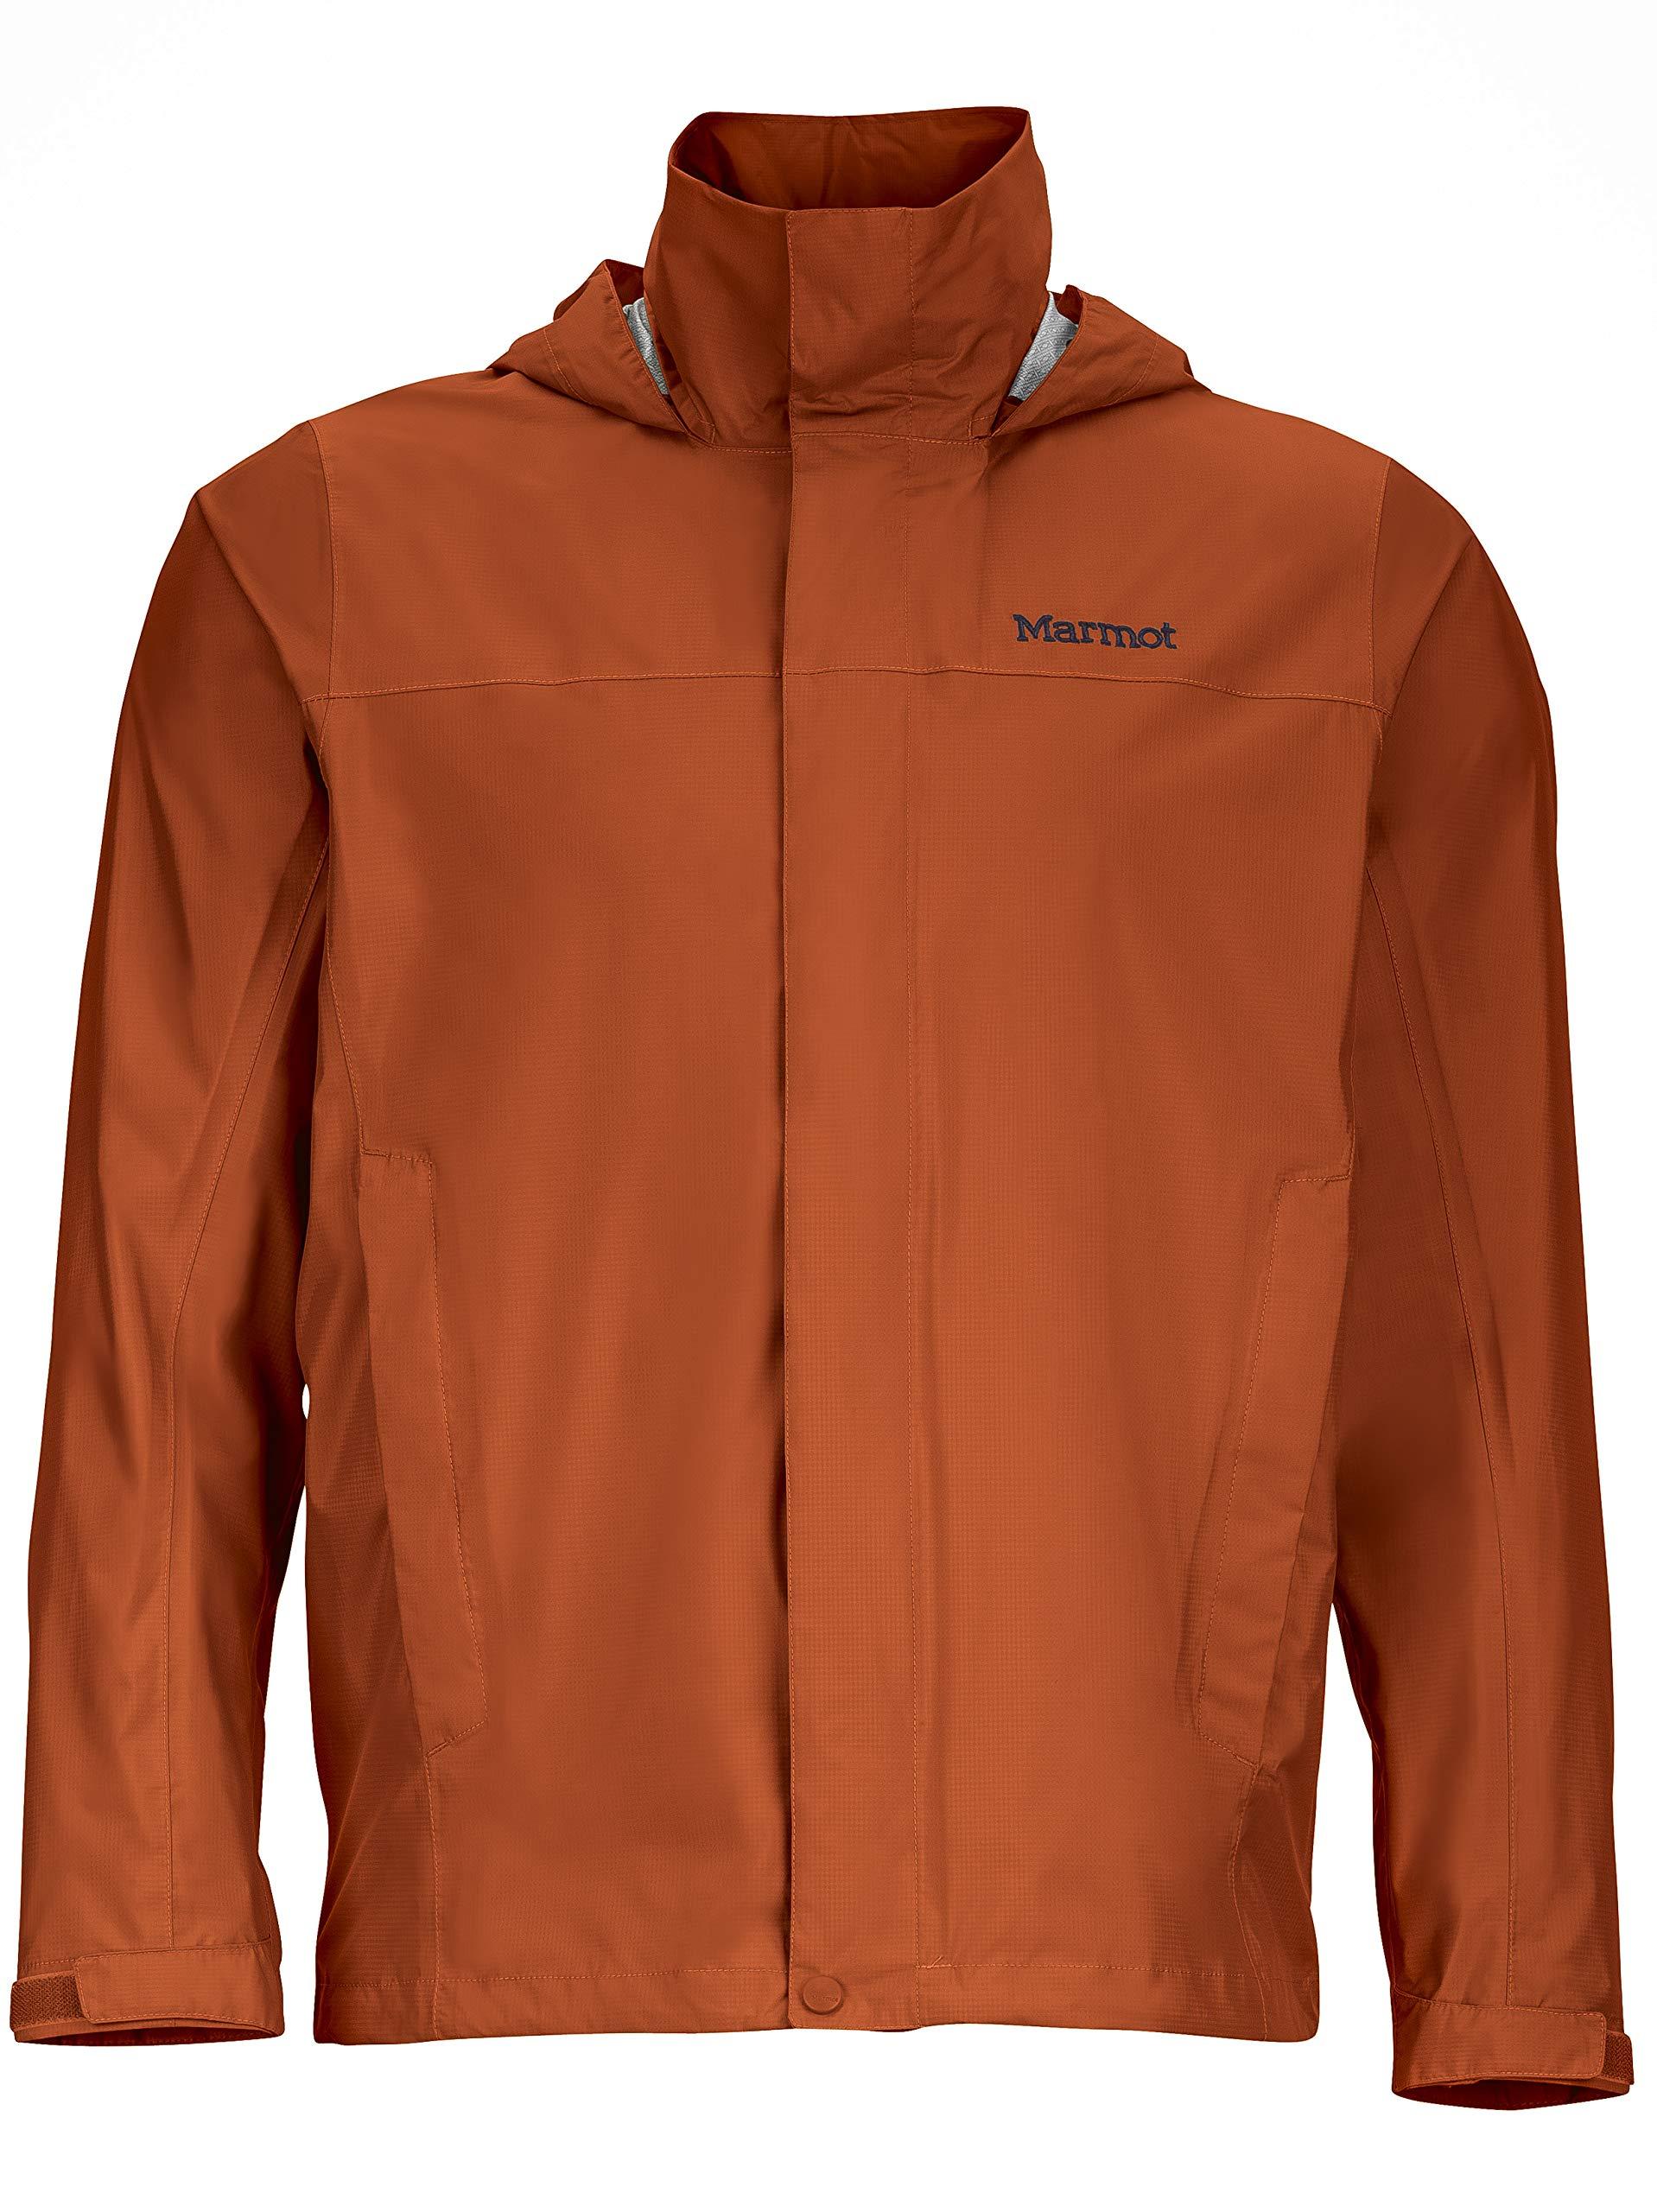 Marmot Men's Precip Jacket, Dark Rust, Small